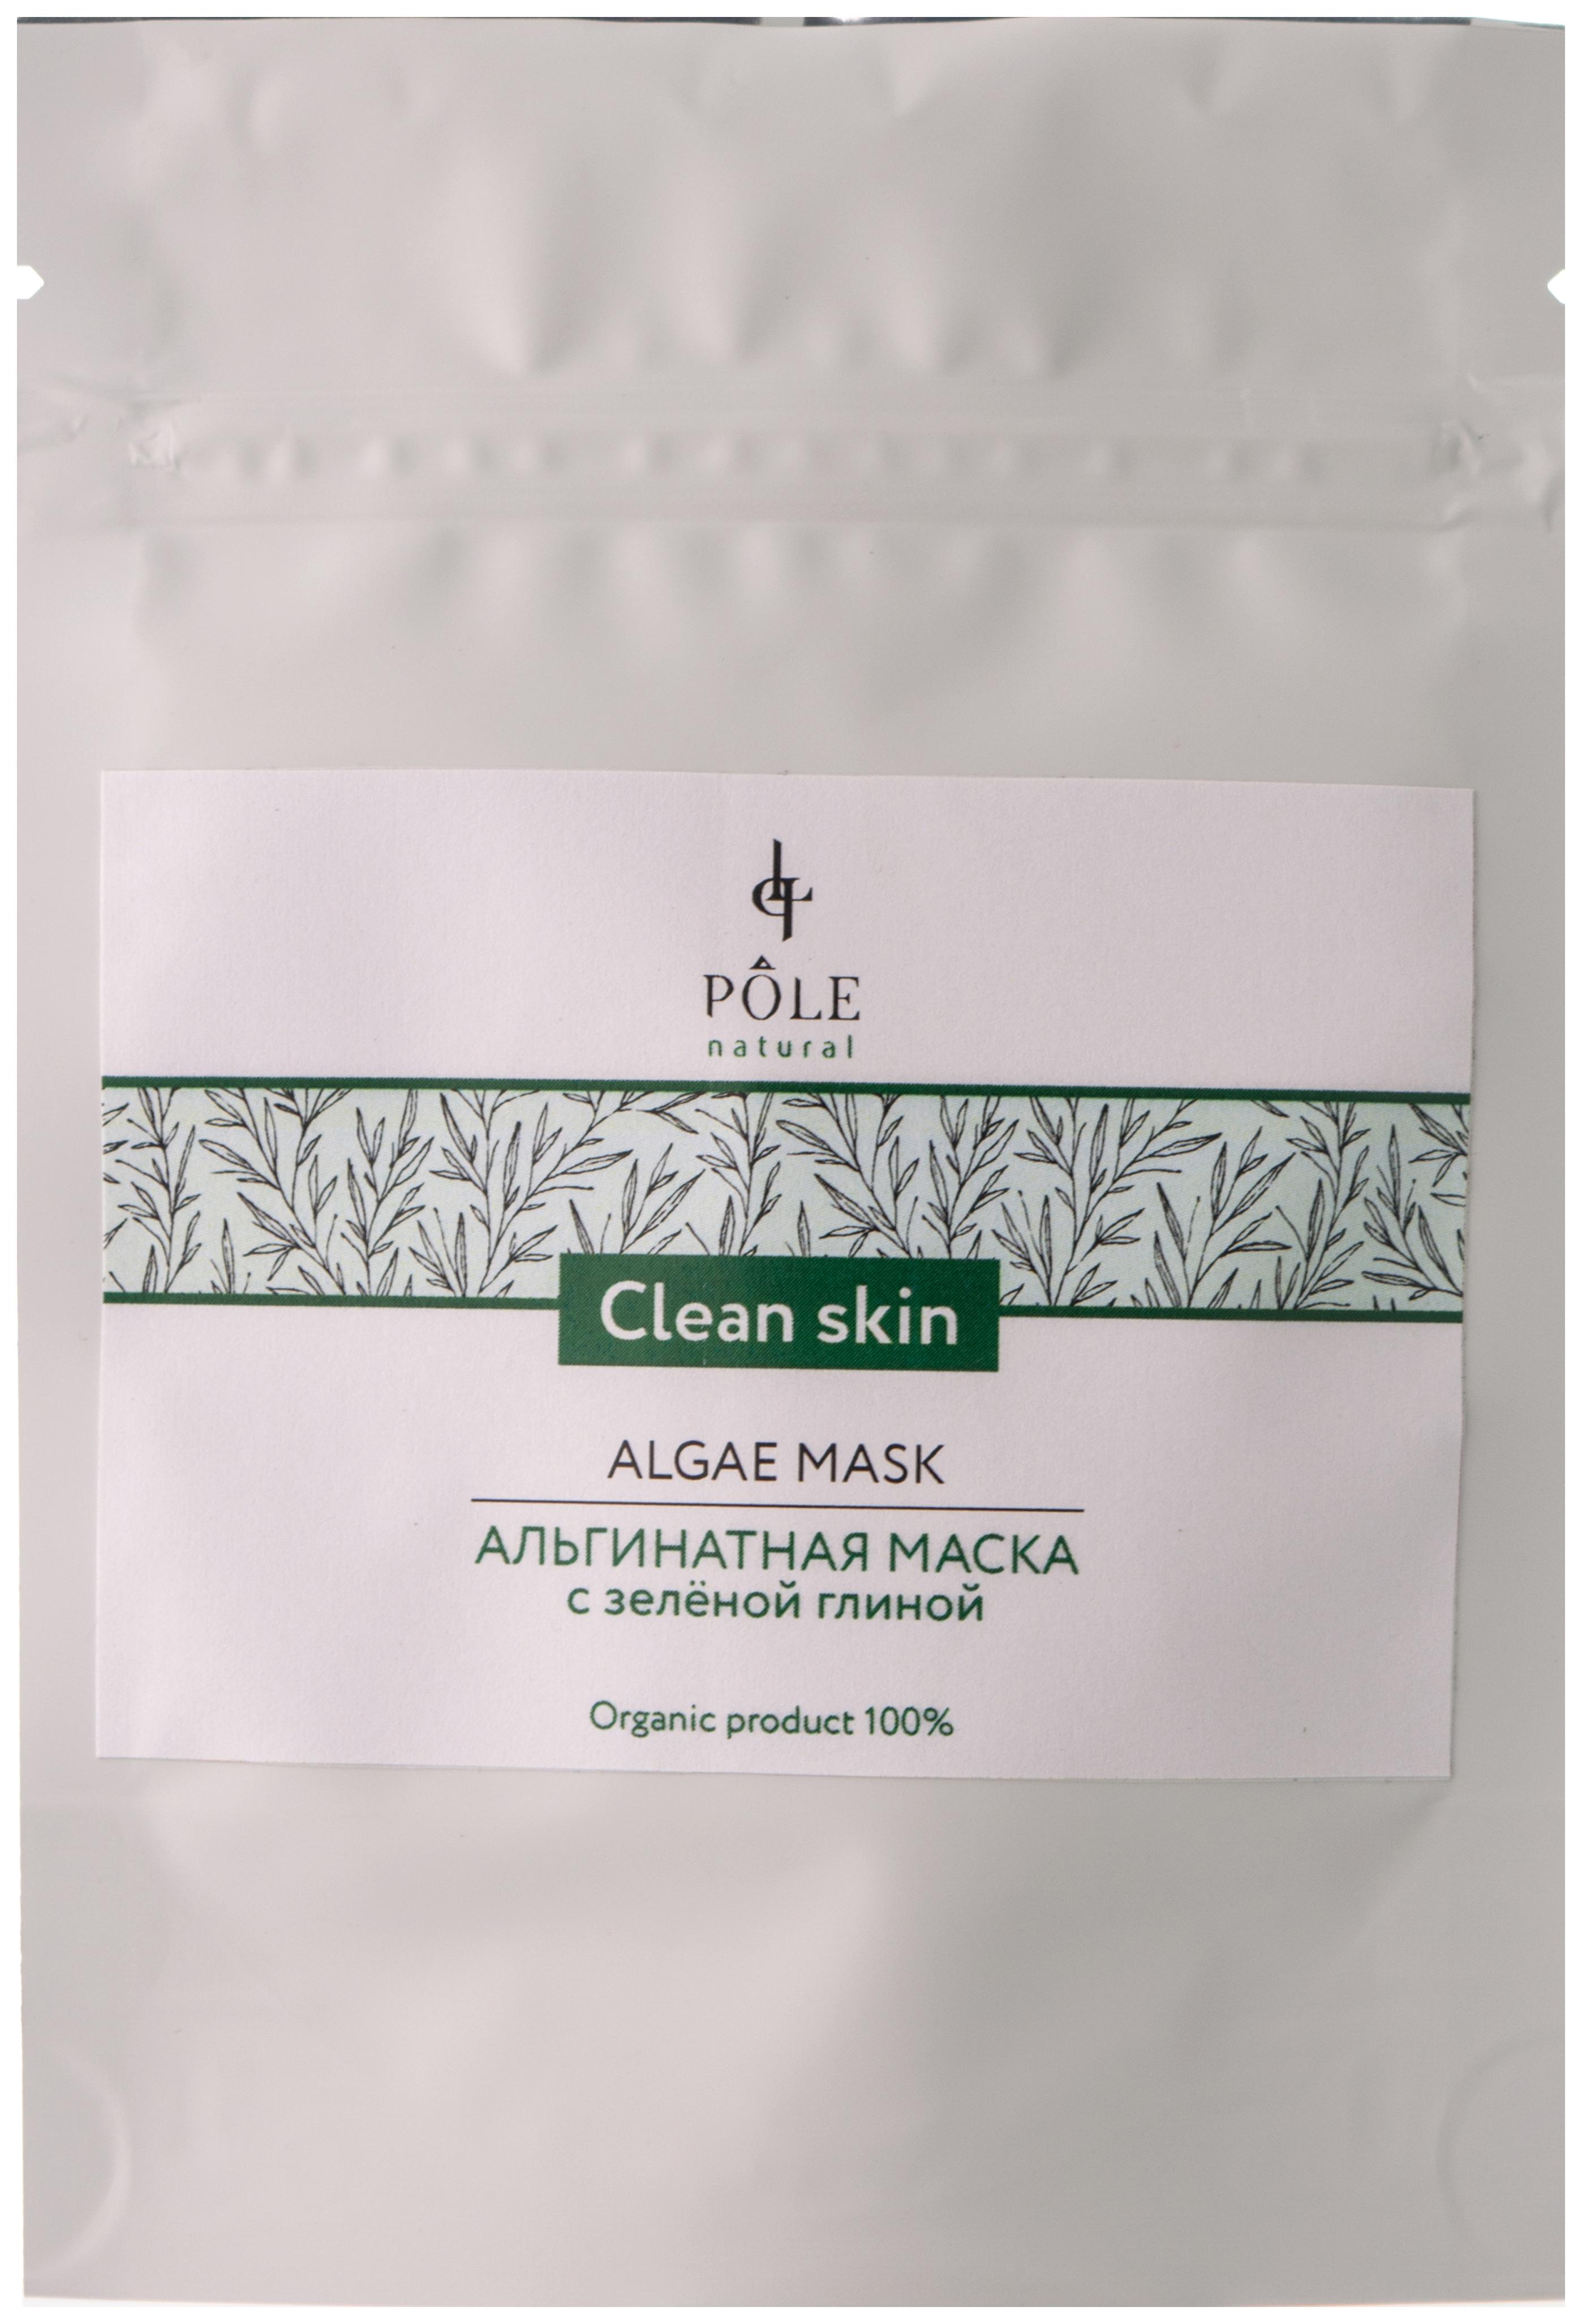 Купить Альгинатная маска Pole Clean Skin